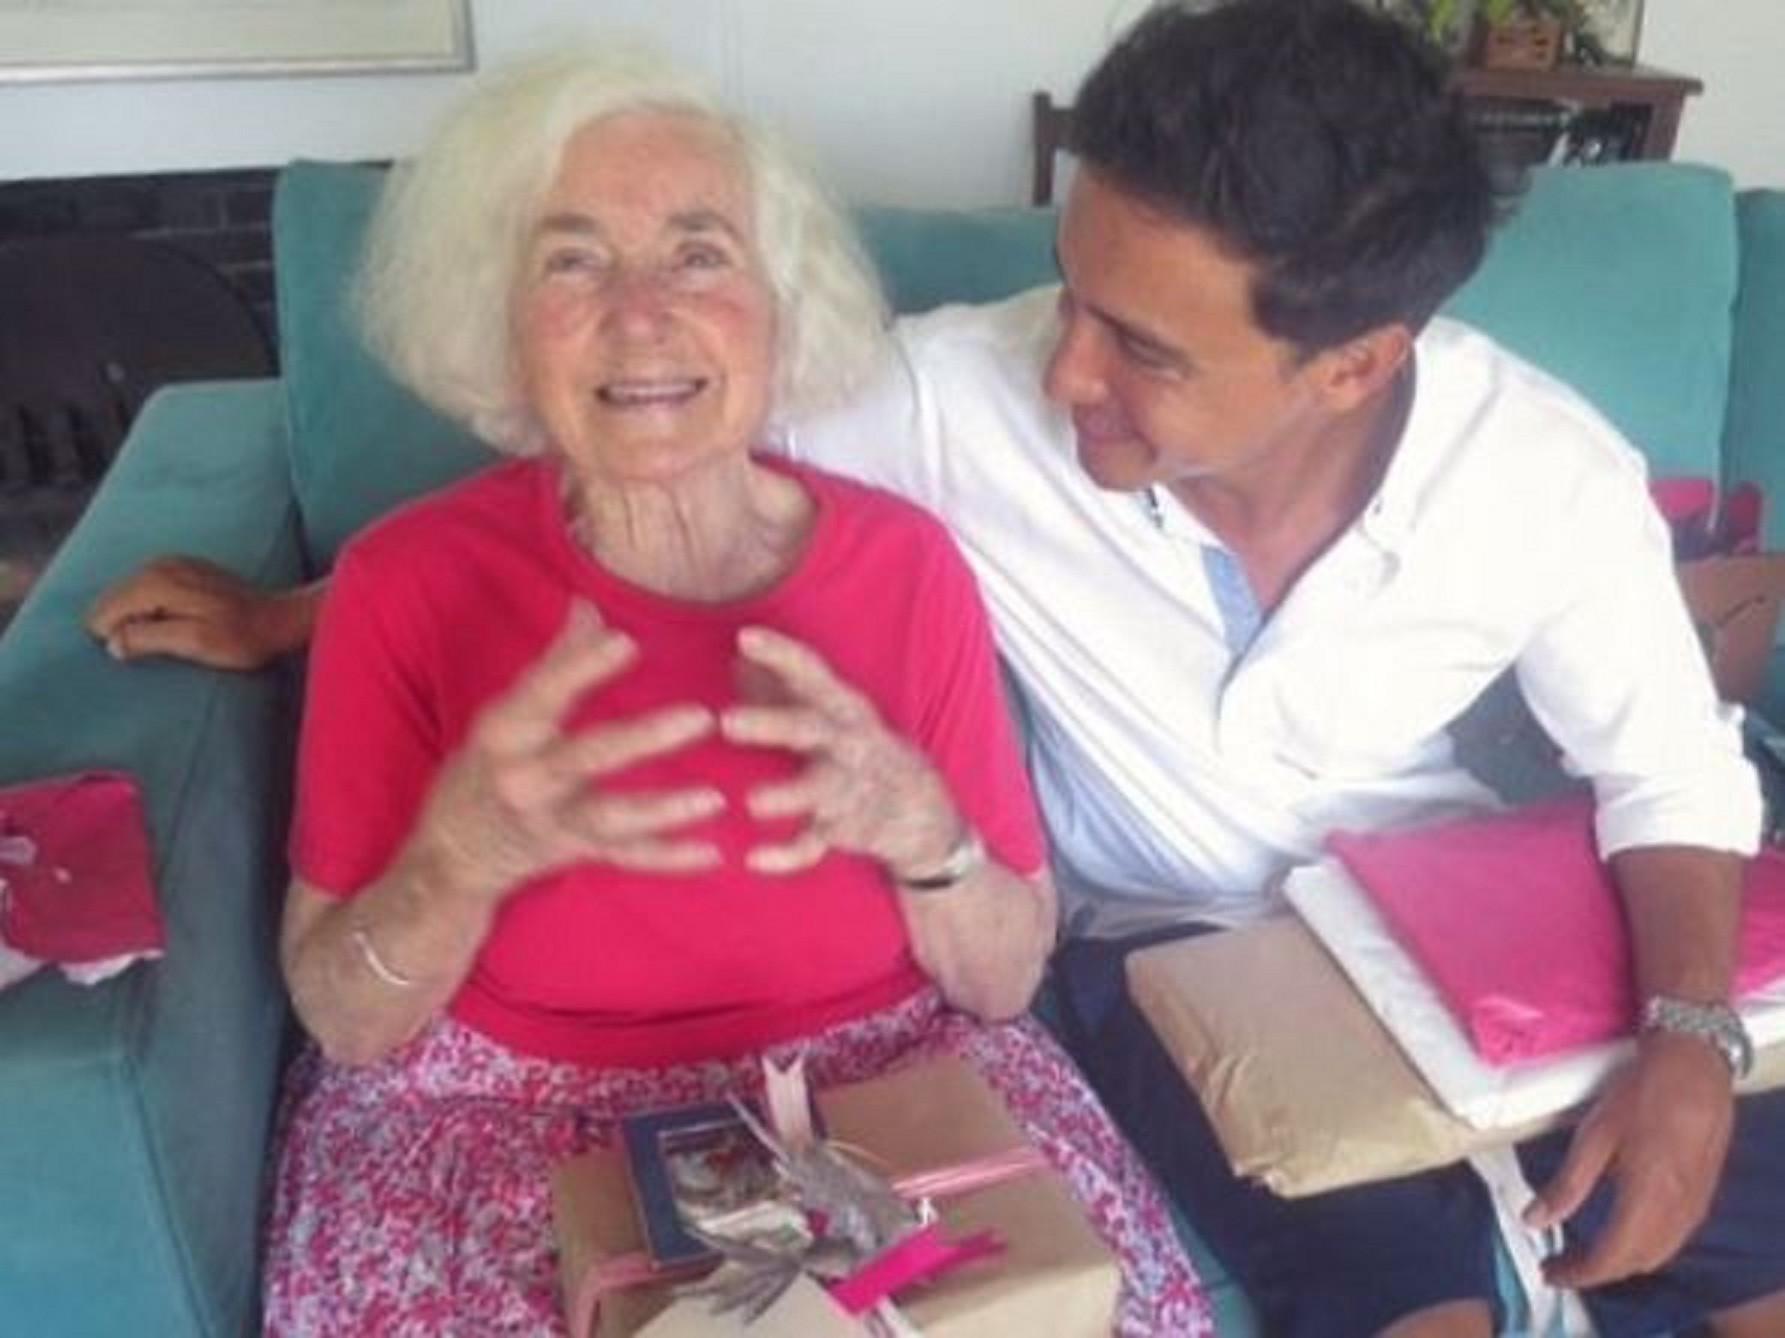 Hamish Daud mengungkapkan kesedihannya saat nenek tercintanya meninggal dunia (Instagram/@hamishdw)